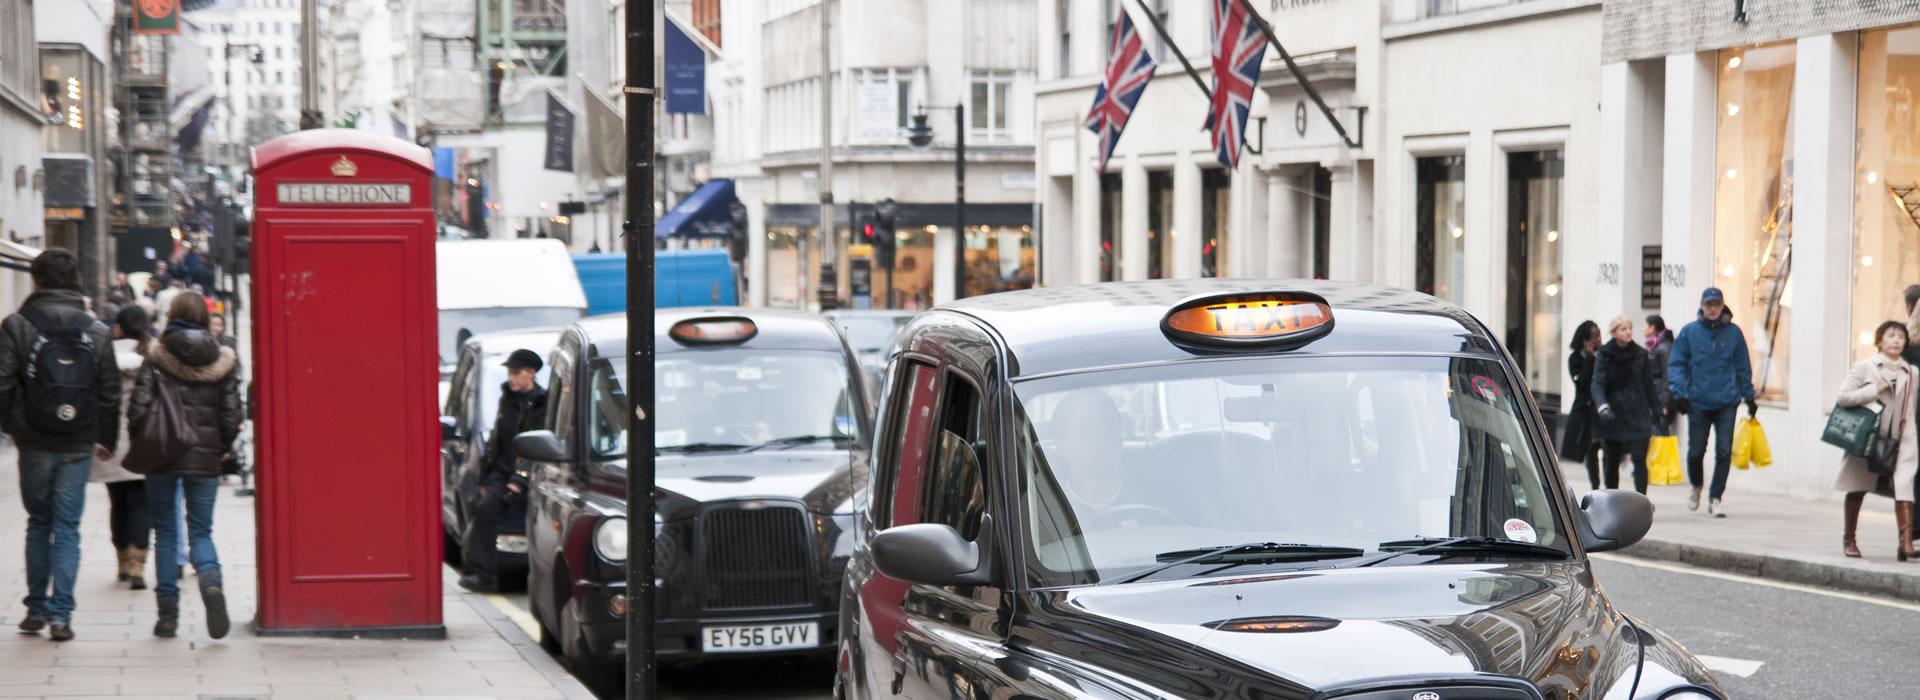 london-shopping-tours-slide1.jpg